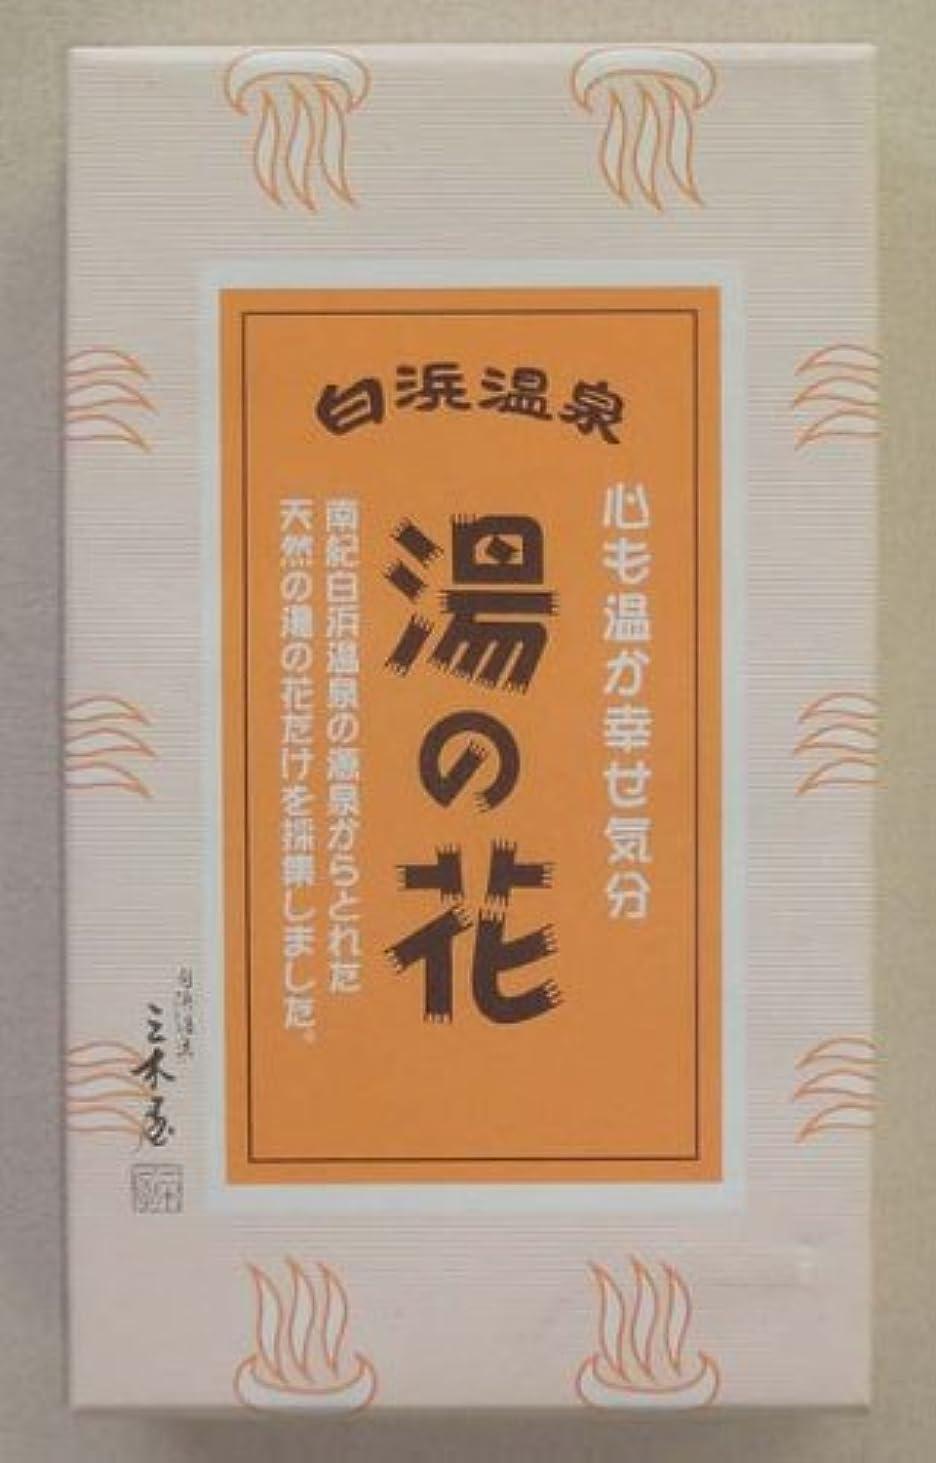 ファイター無限大飲食店南紀白浜温泉の天然湯の花(7袋入)